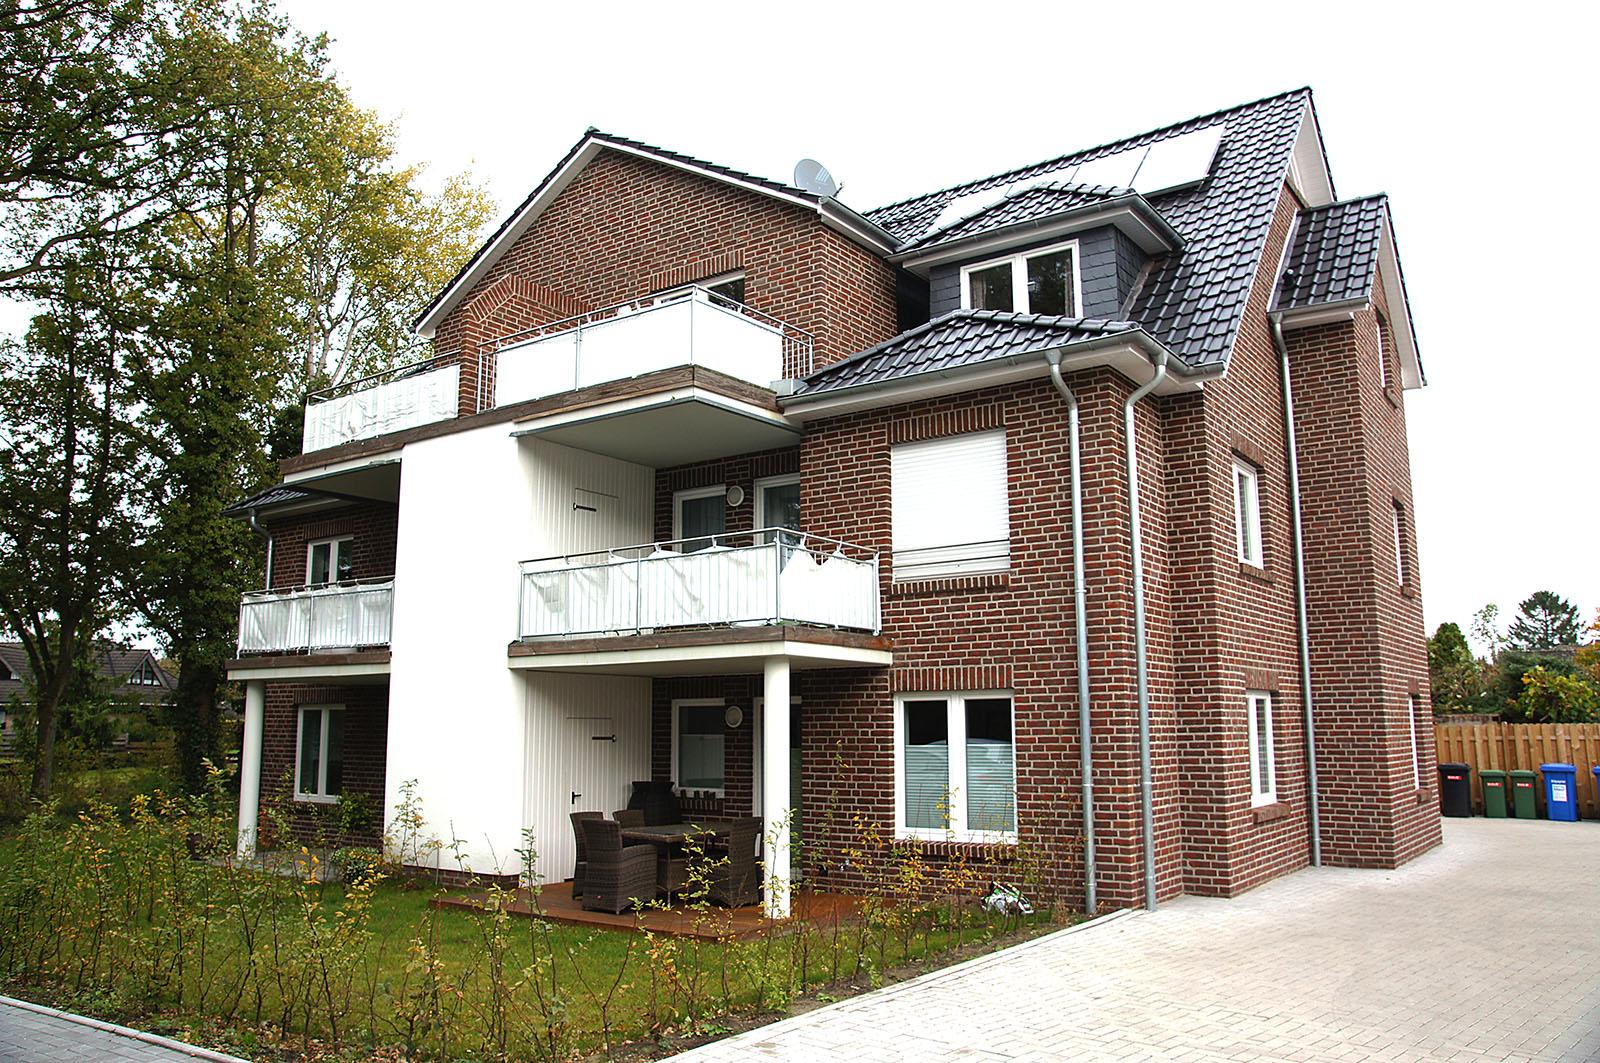 4 wohneinheitengeb ude in oldenburg au enansicht. Black Bedroom Furniture Sets. Home Design Ideas